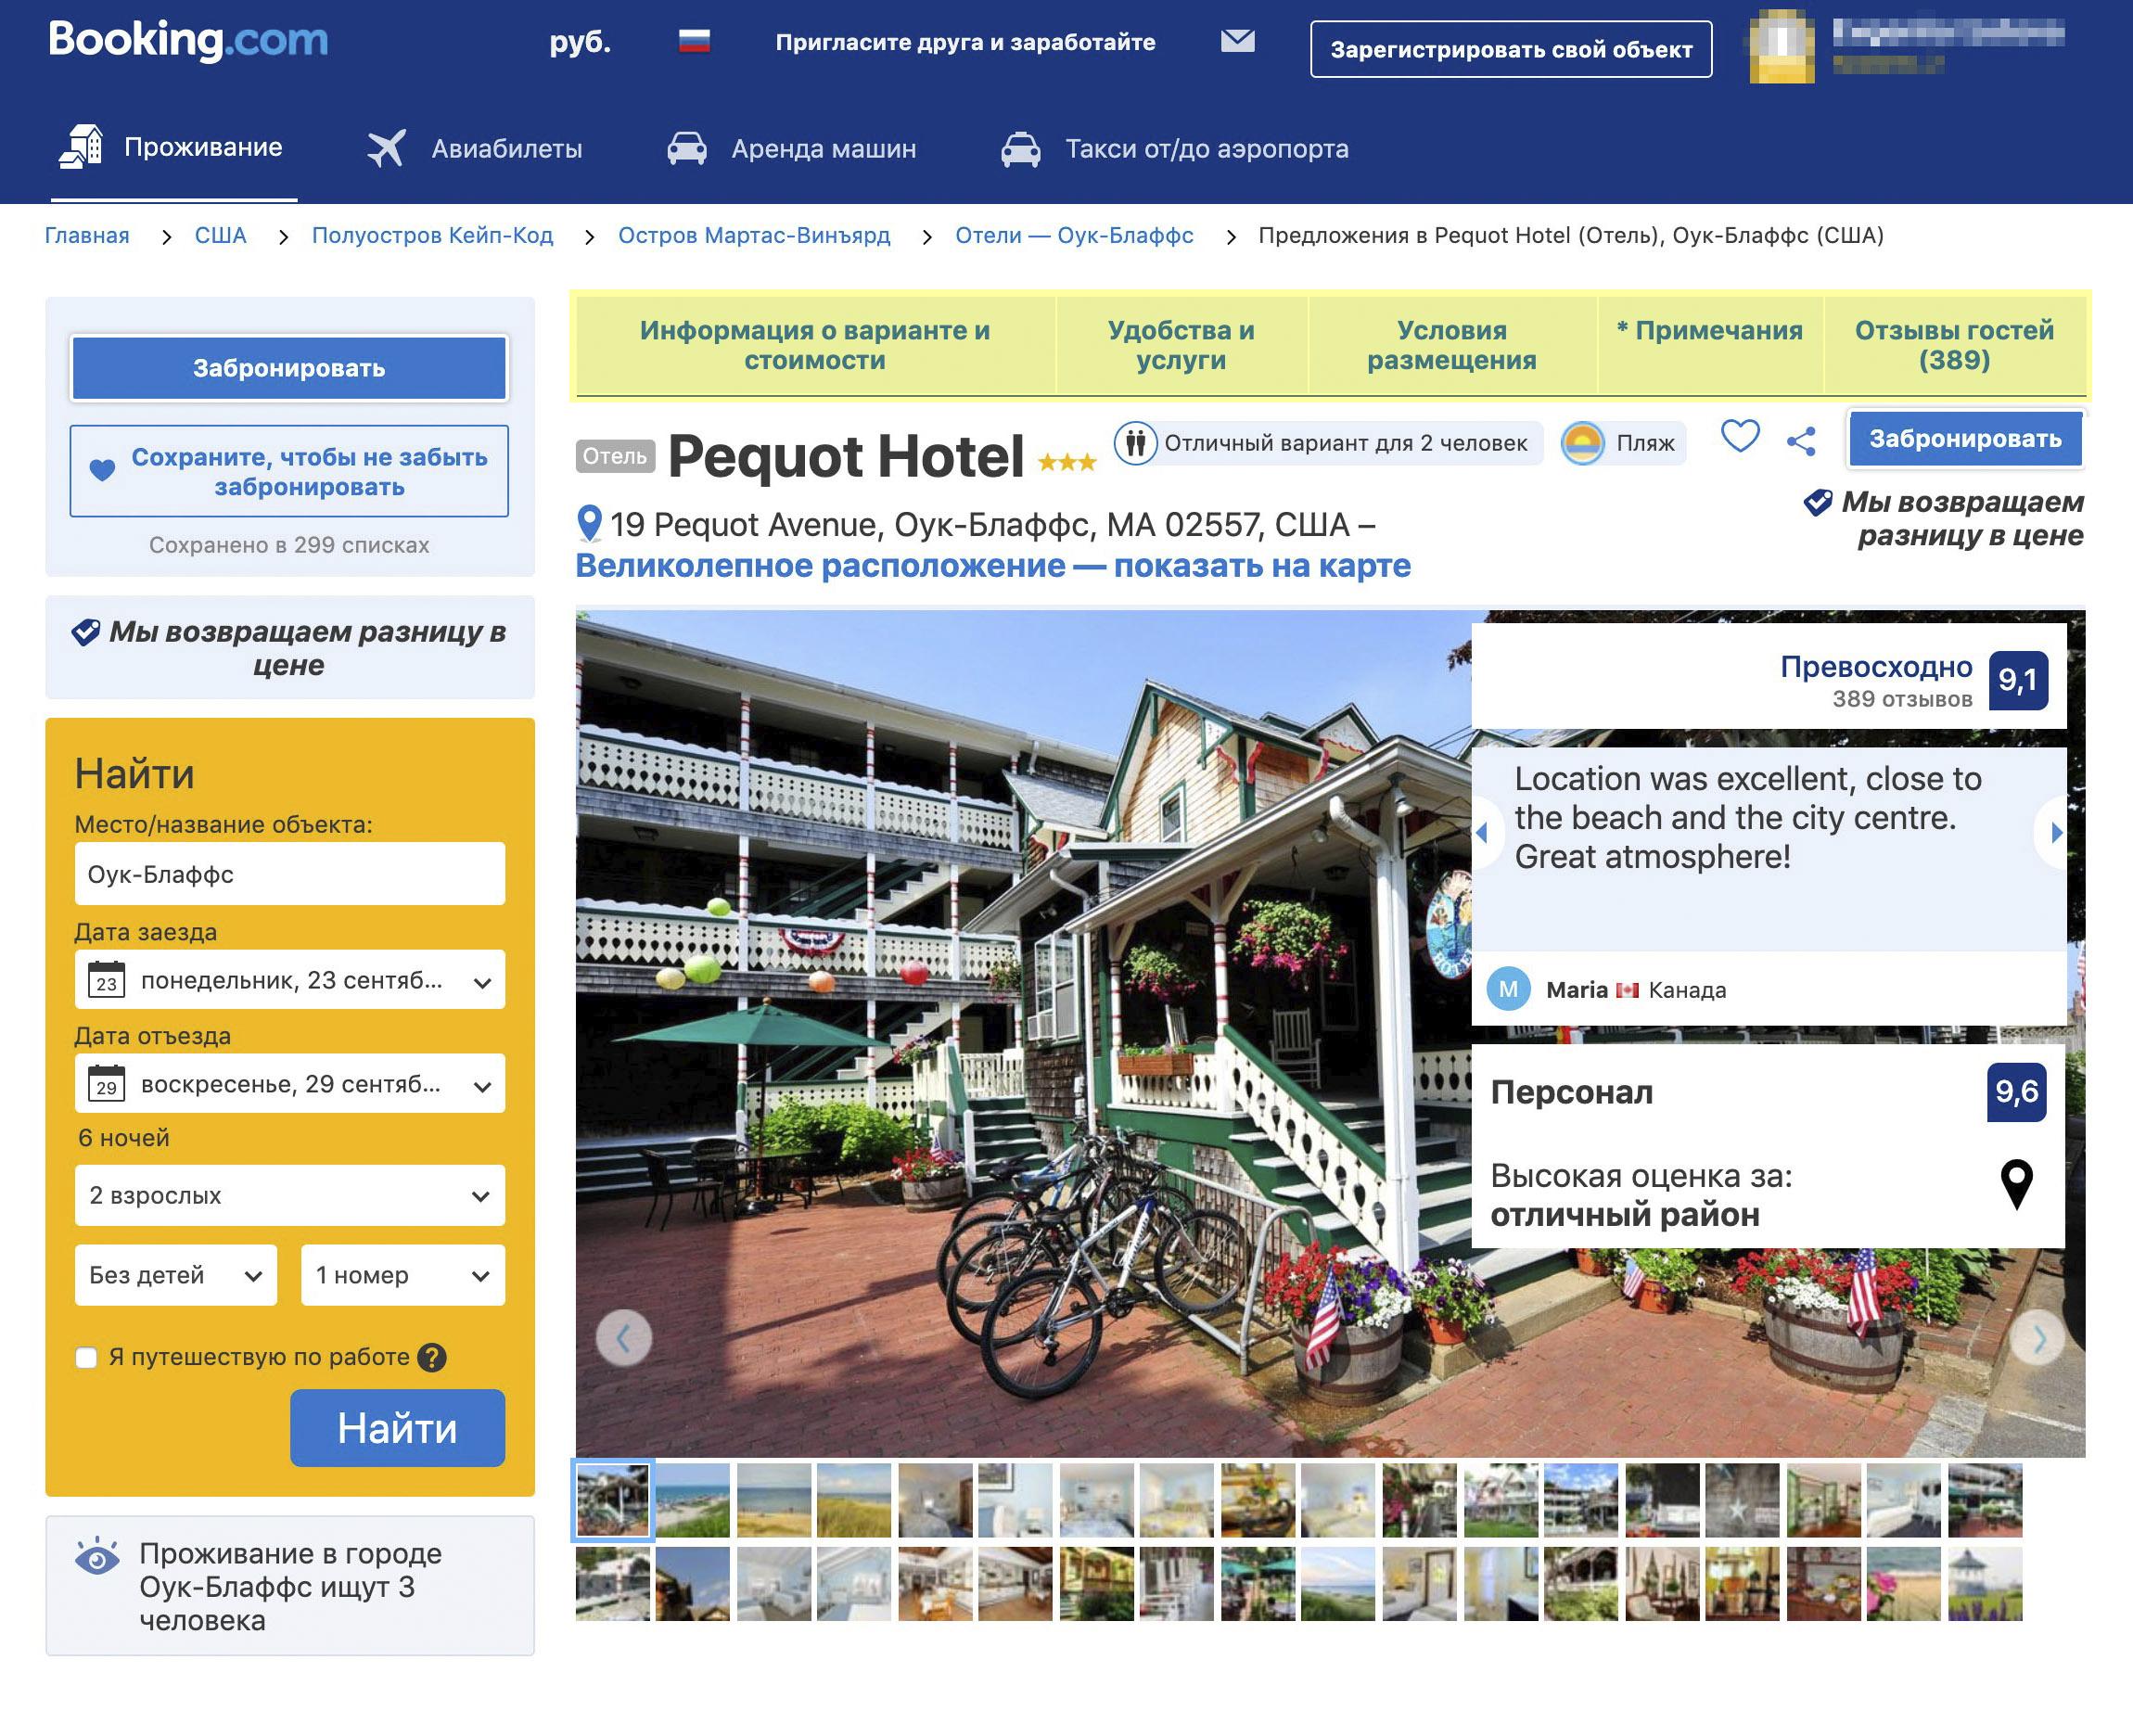 Разделы «Информация о варианте и стоимости», «Удобства и услуги», «Условия размещения», «Примечания», «Отзывы гостей» на странице отеля